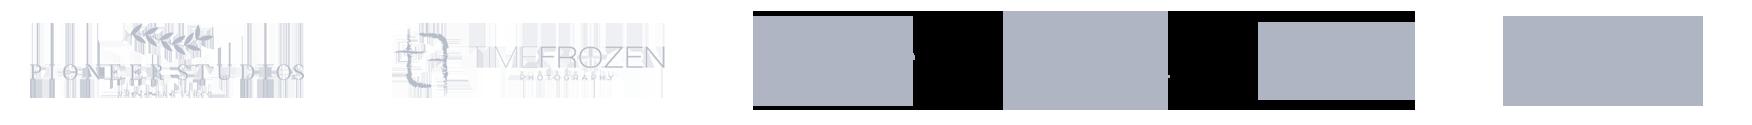 Current clients using PicSpotr